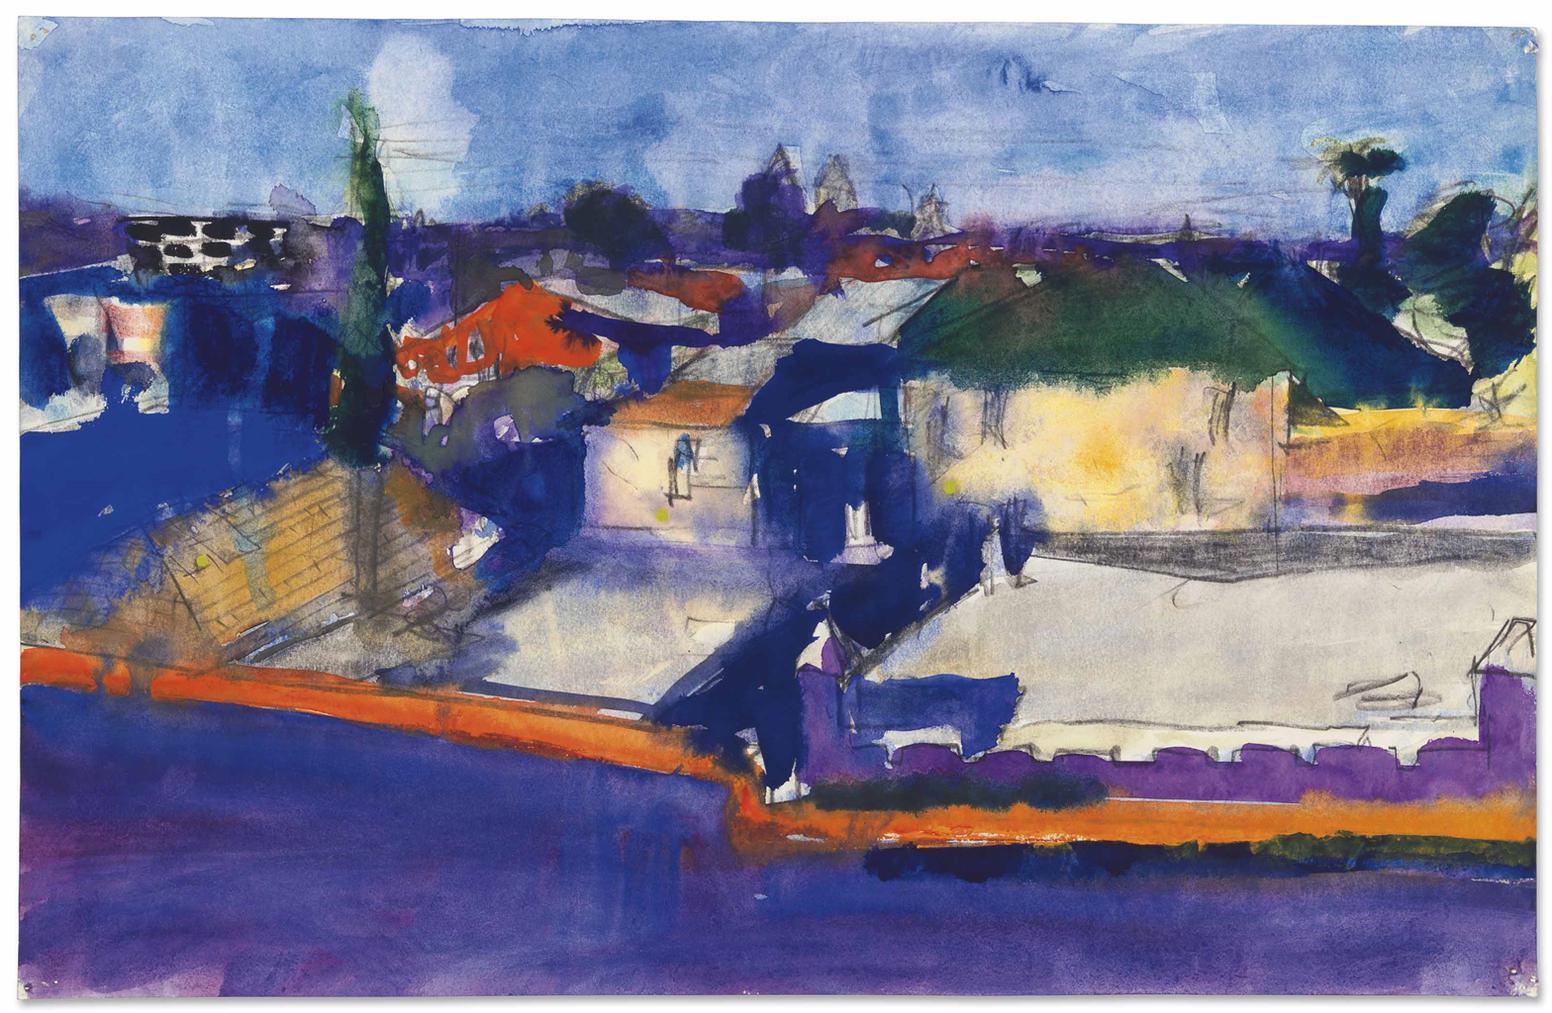 Richard Diebenkorn-Untitled-1966